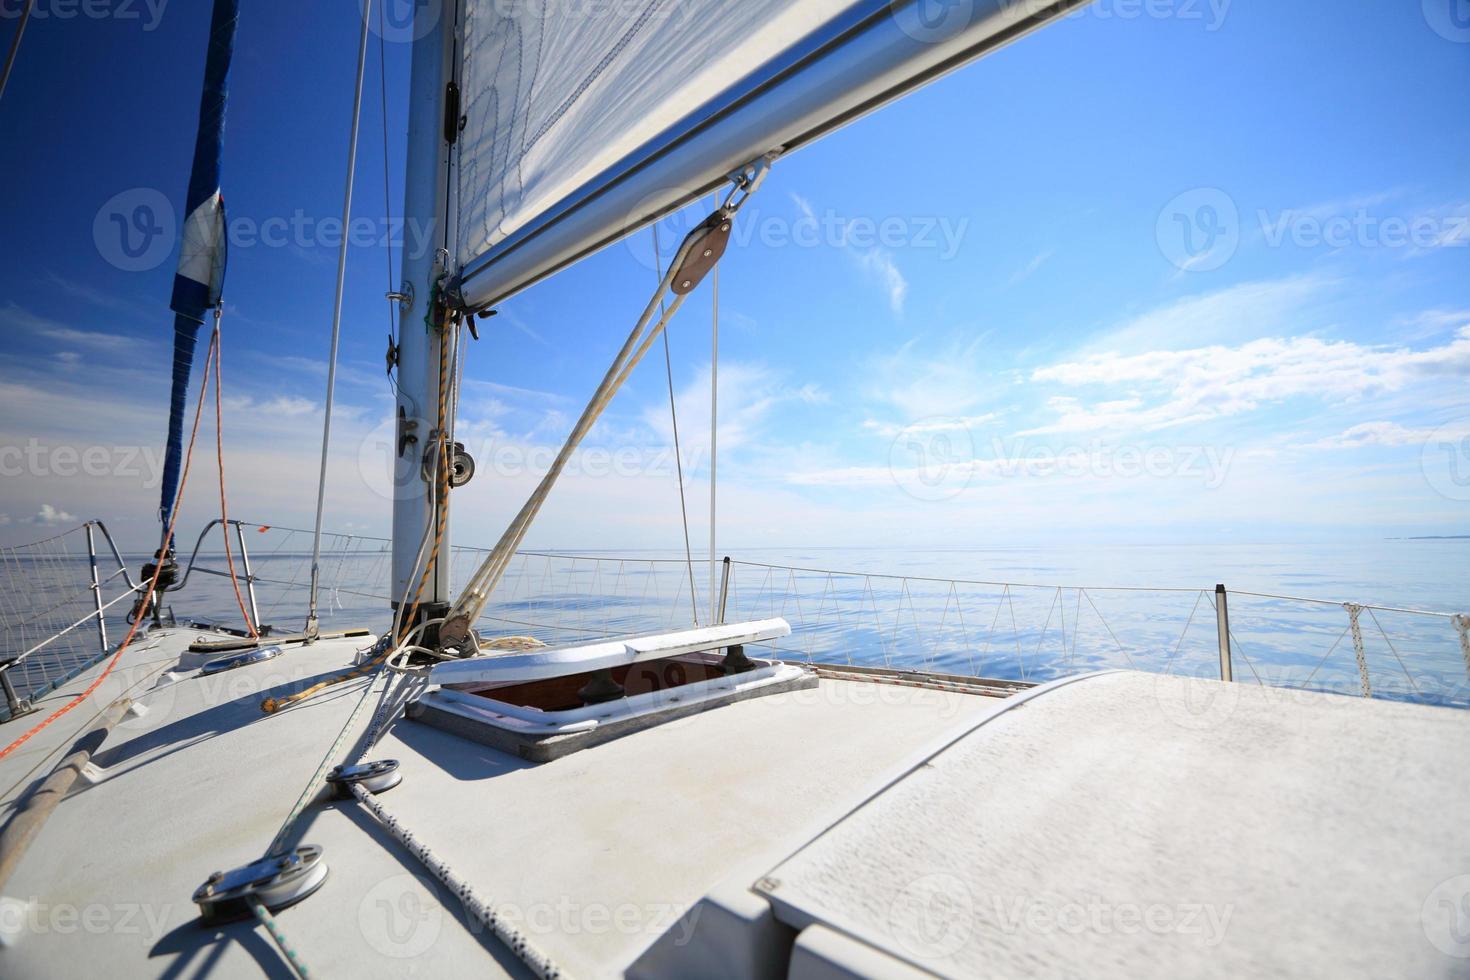 iate veleiro navegando no mar azul. turismo foto